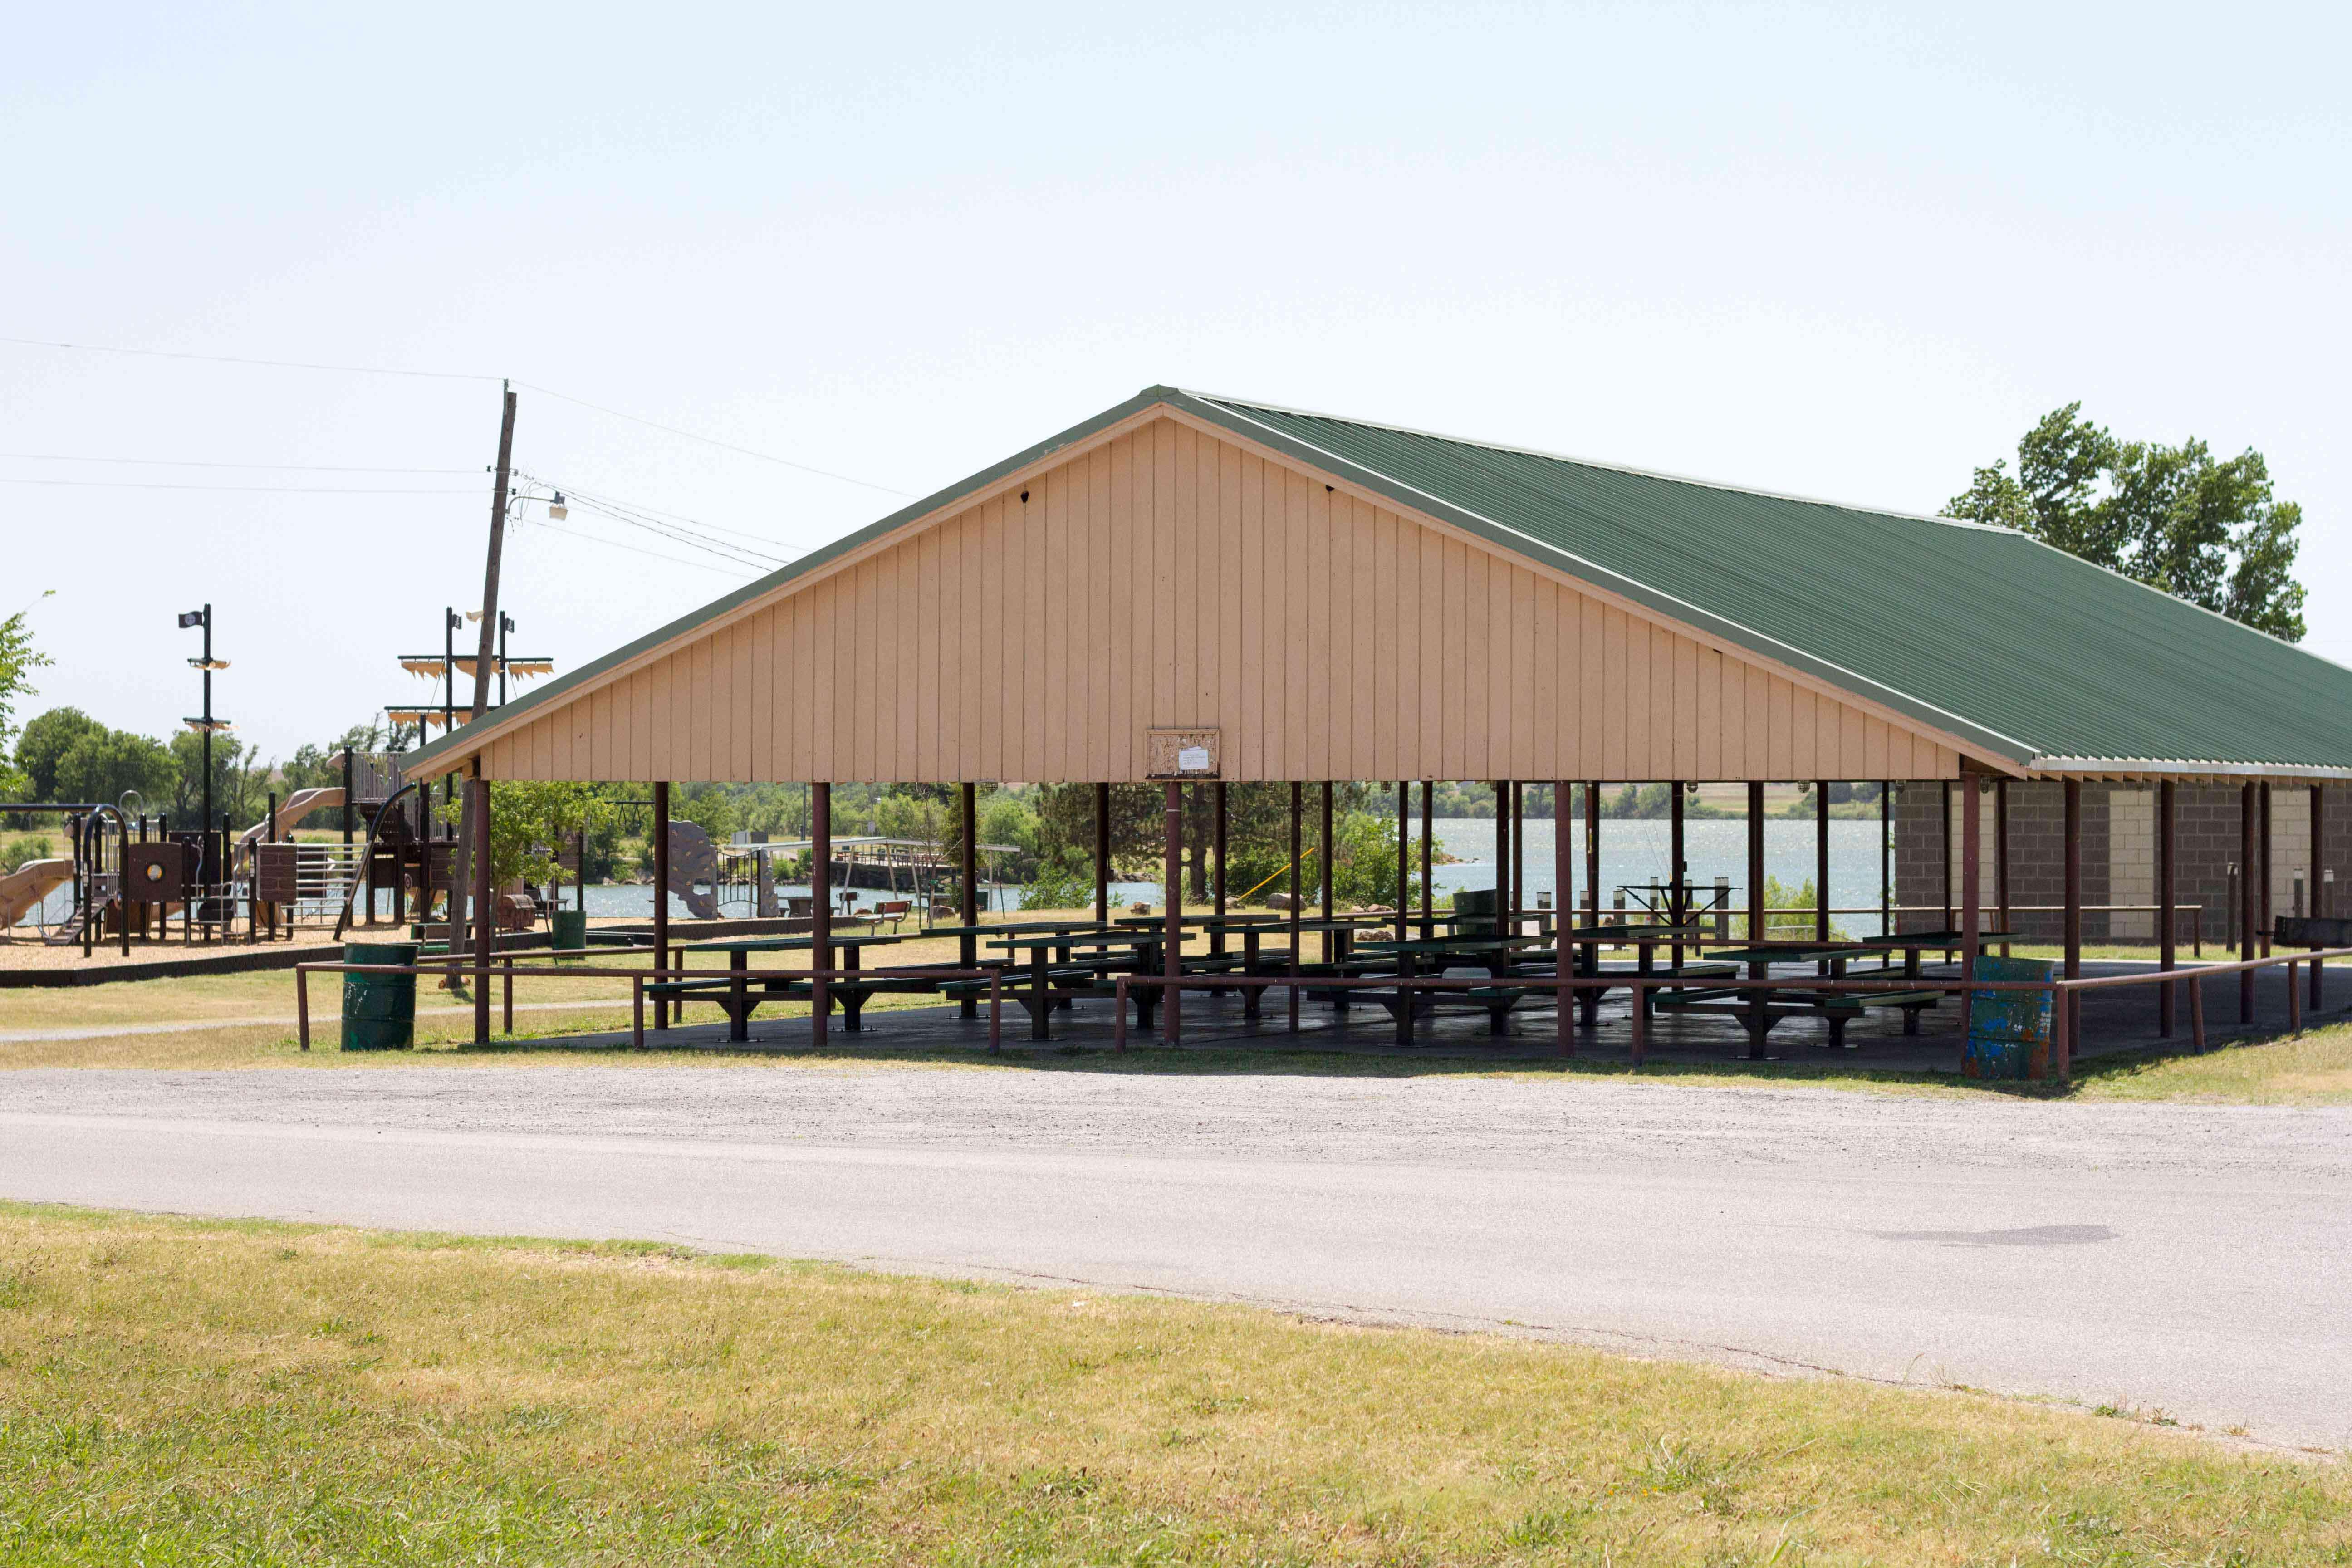 Adams Park pavilion